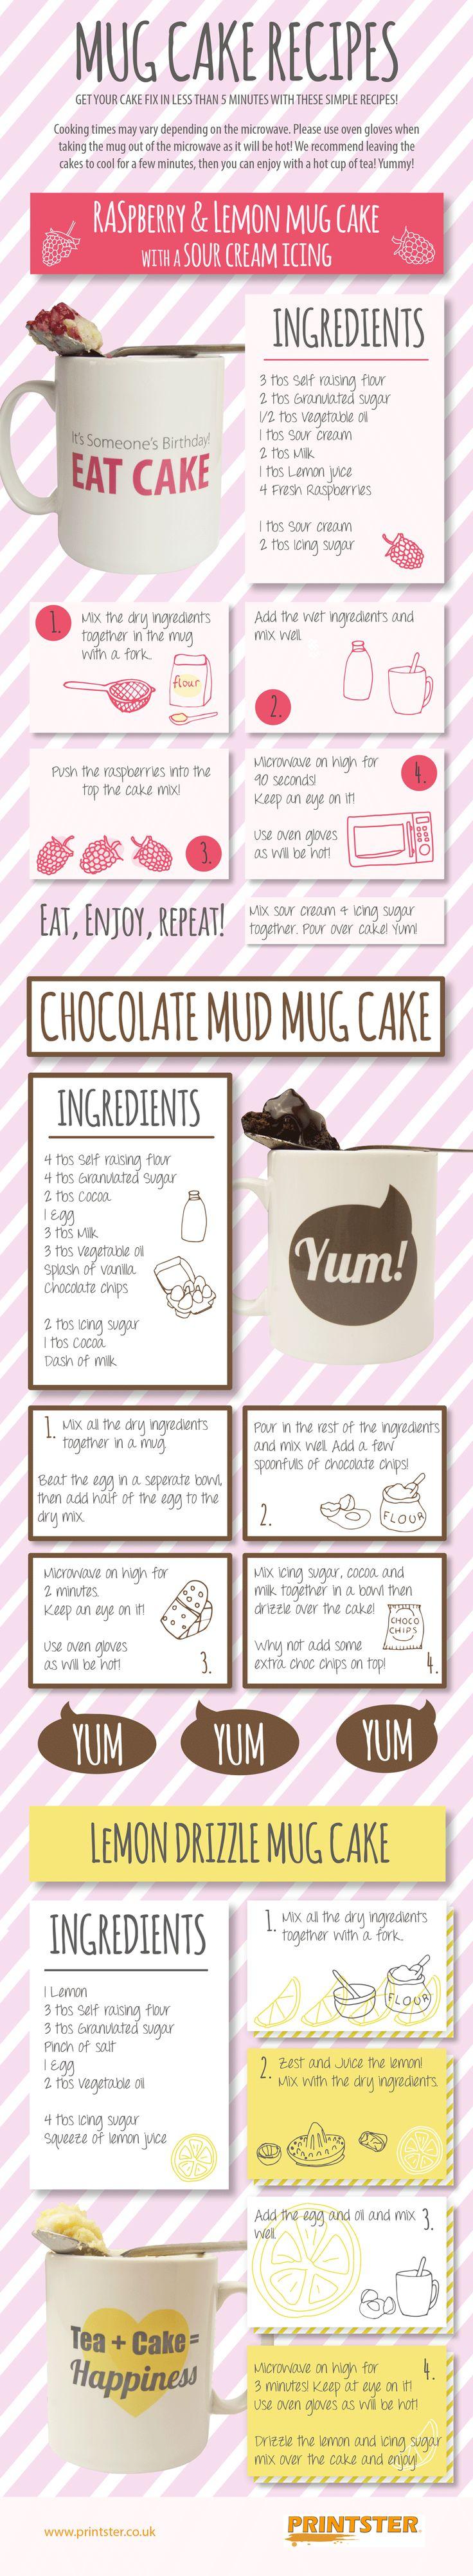 Infographic: Mug Cake Recipes #infographic